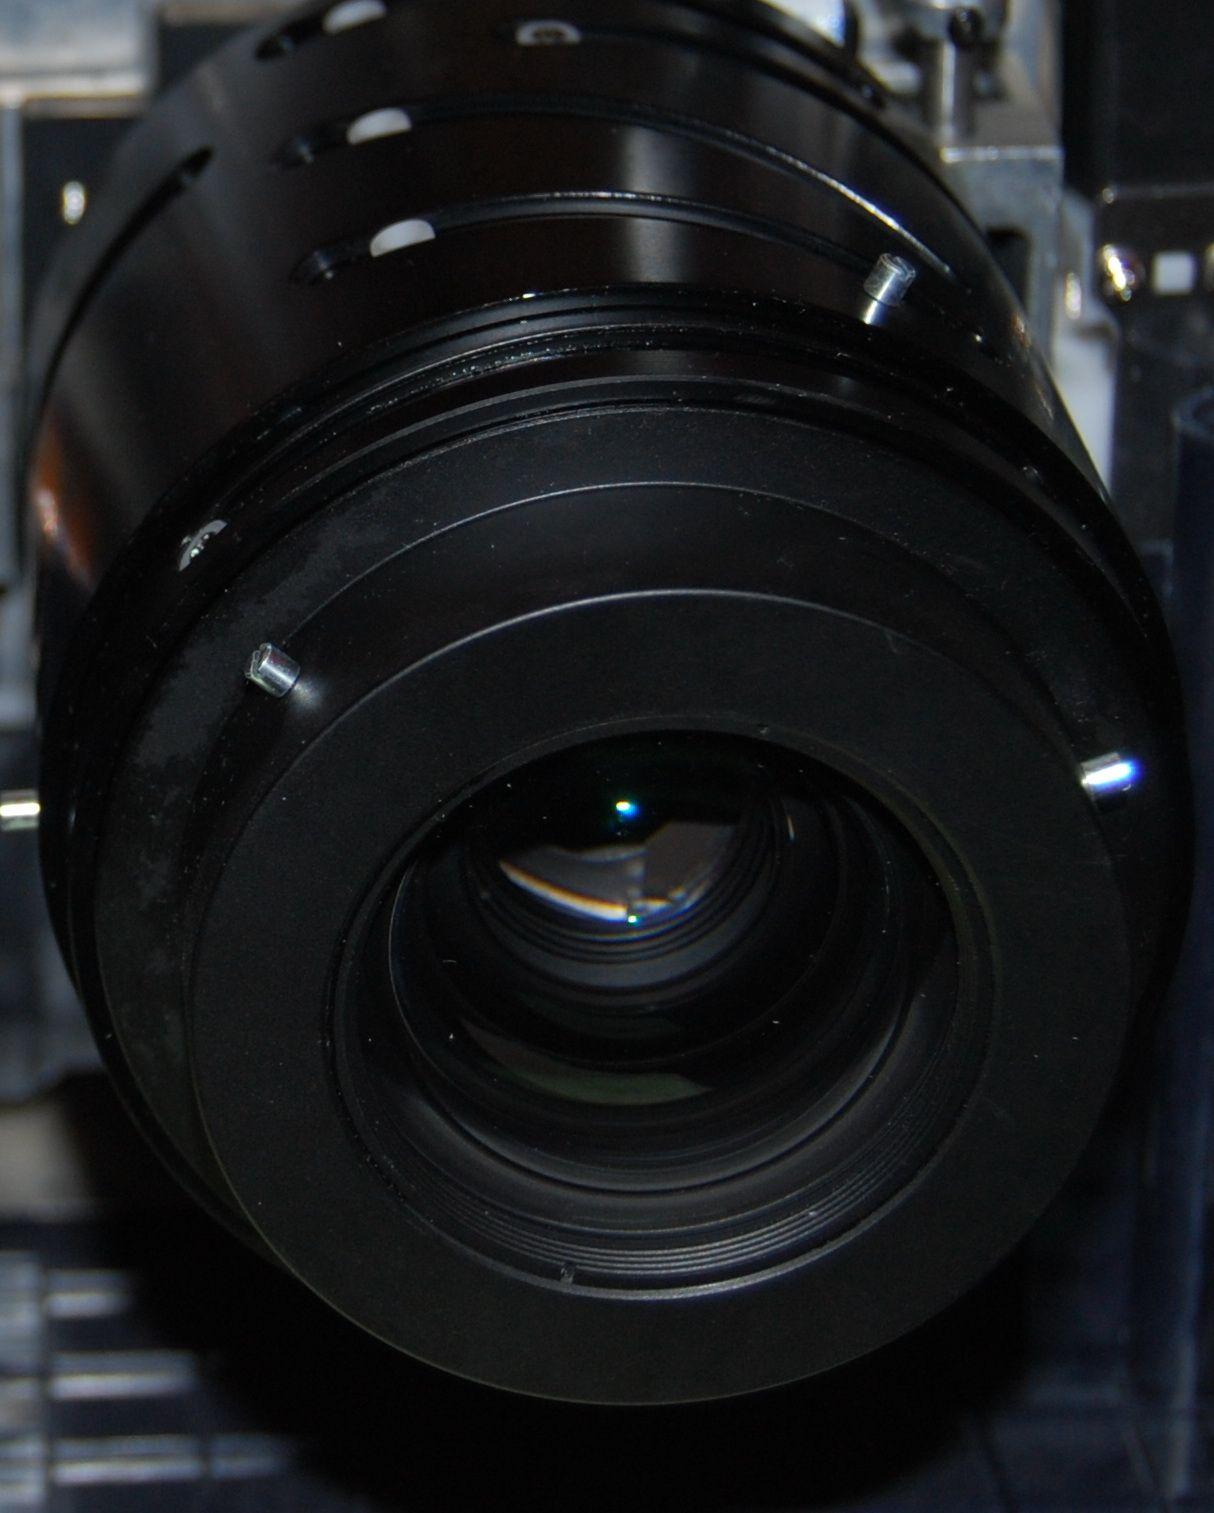 BENQ W-6500 LENS